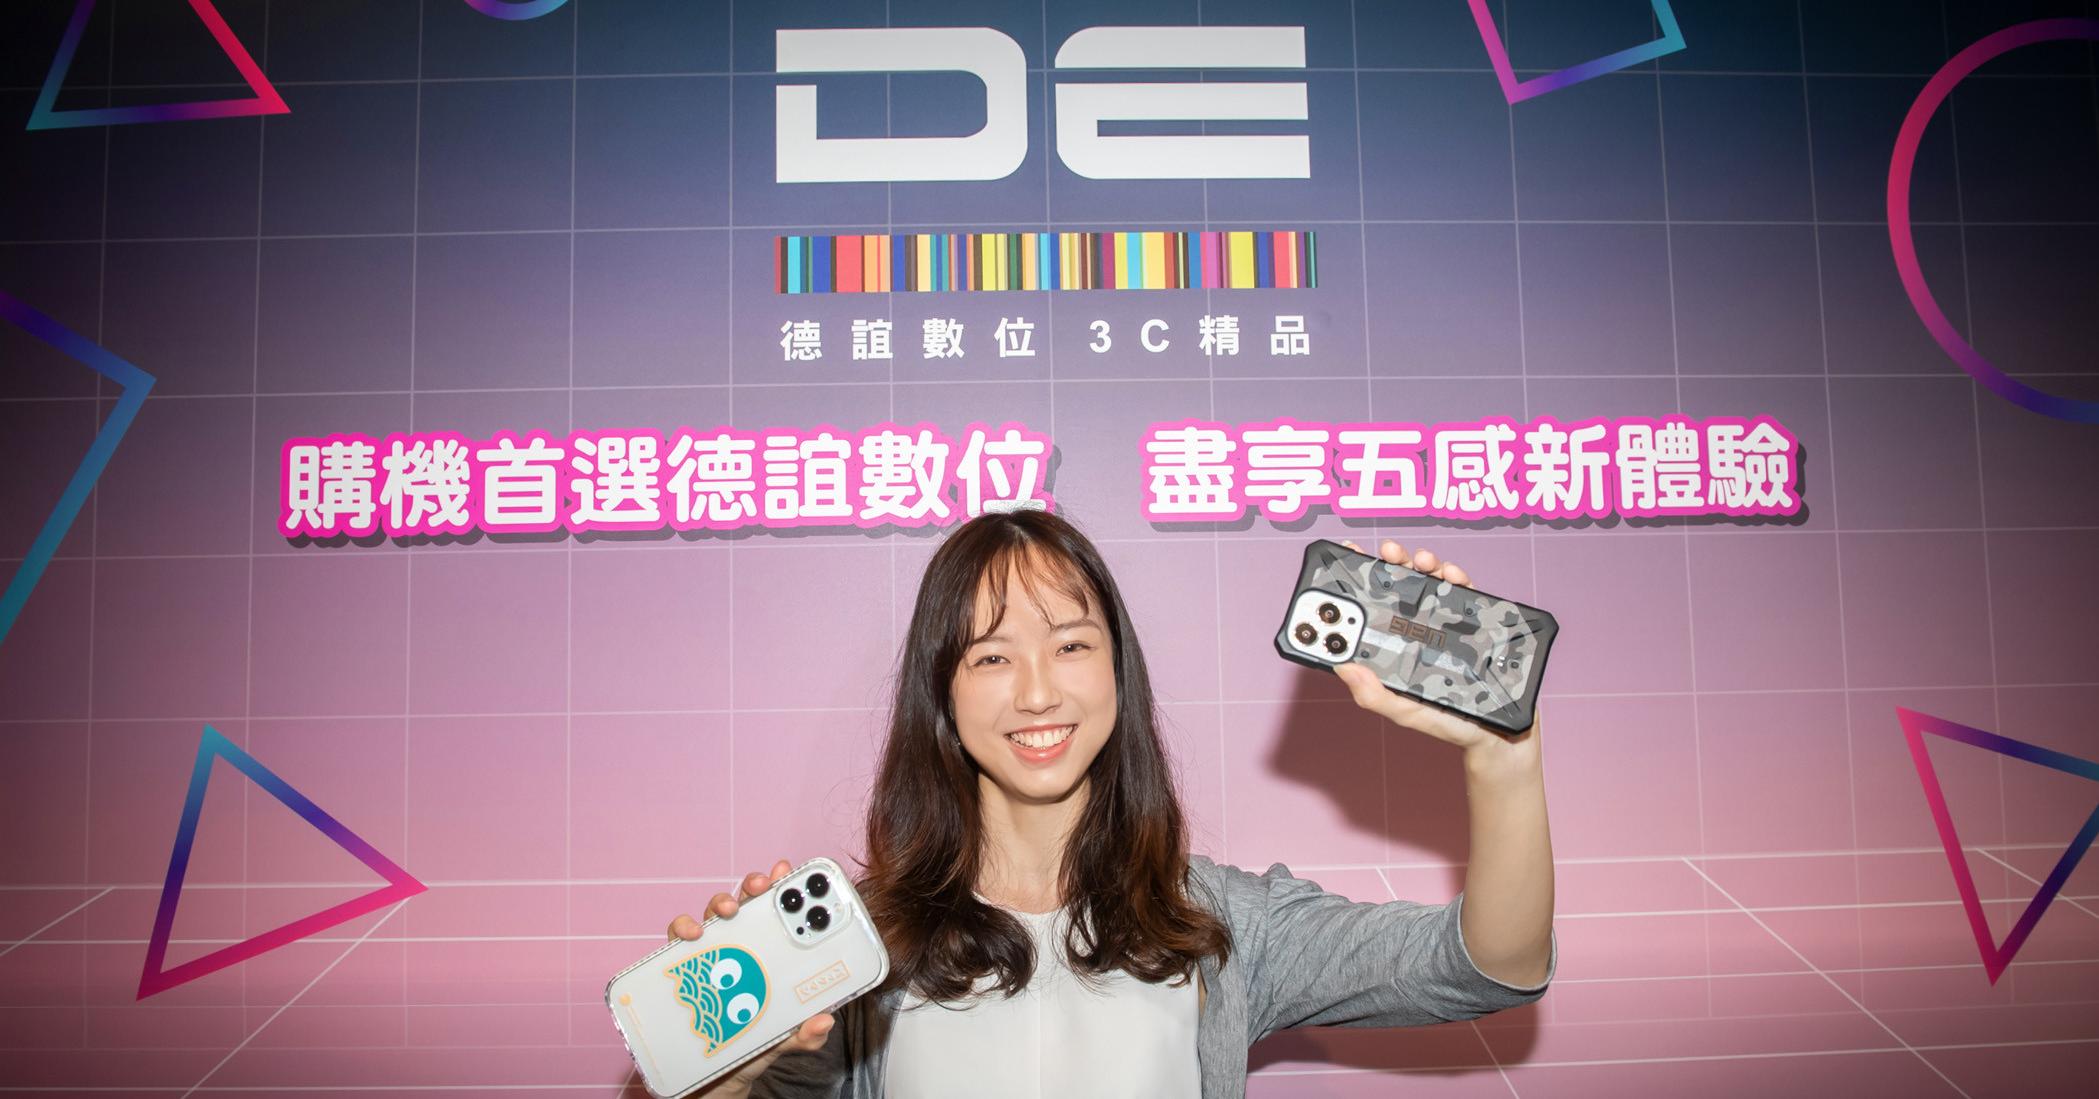 照片中提到了DE、|||益益益彩、德誼數位 3C精品,跟深空工業有關,包含了好玩、公共關係、令人愉快的、產品、上市